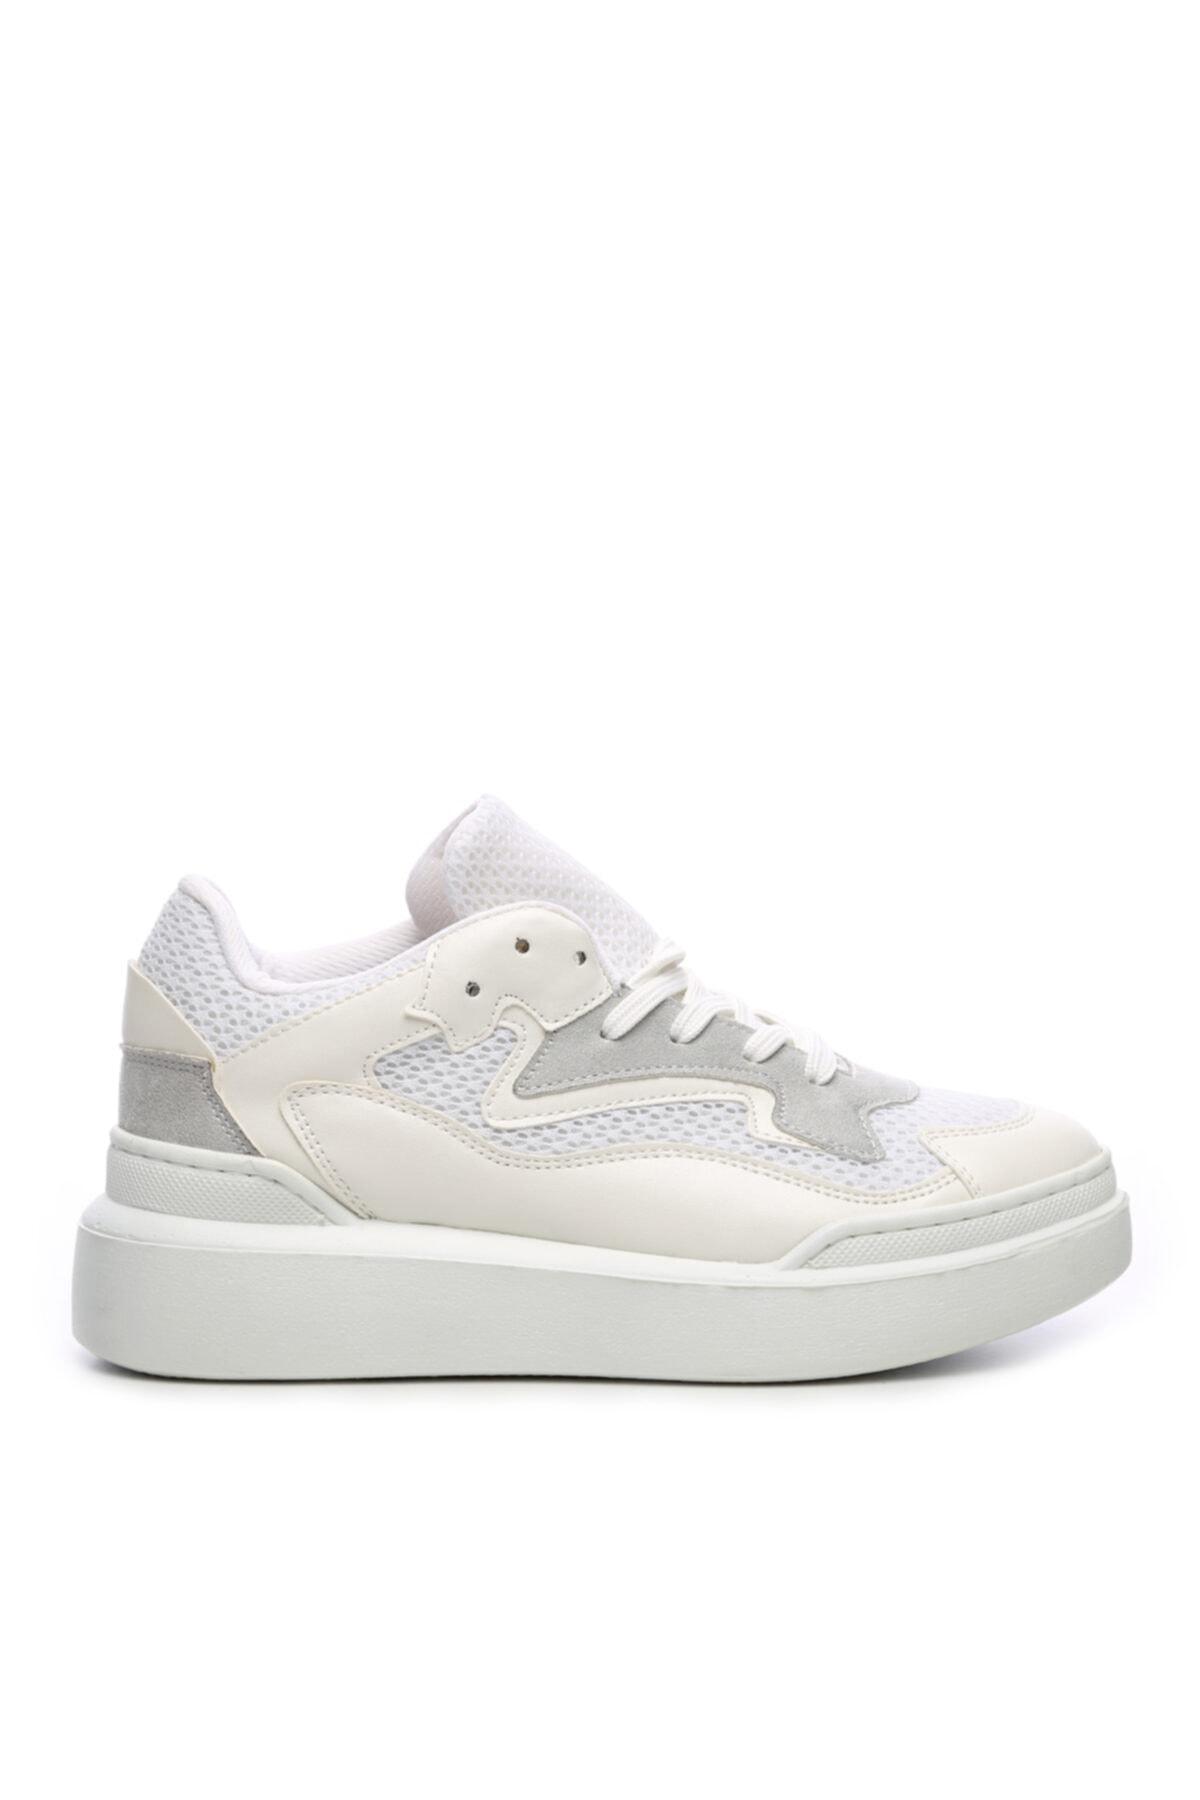 KEMAL TANCA Kadın Vegan Sneakers & Spor Ayakkabı 758 Z 4696 Bn Ayk Sk19-20 1